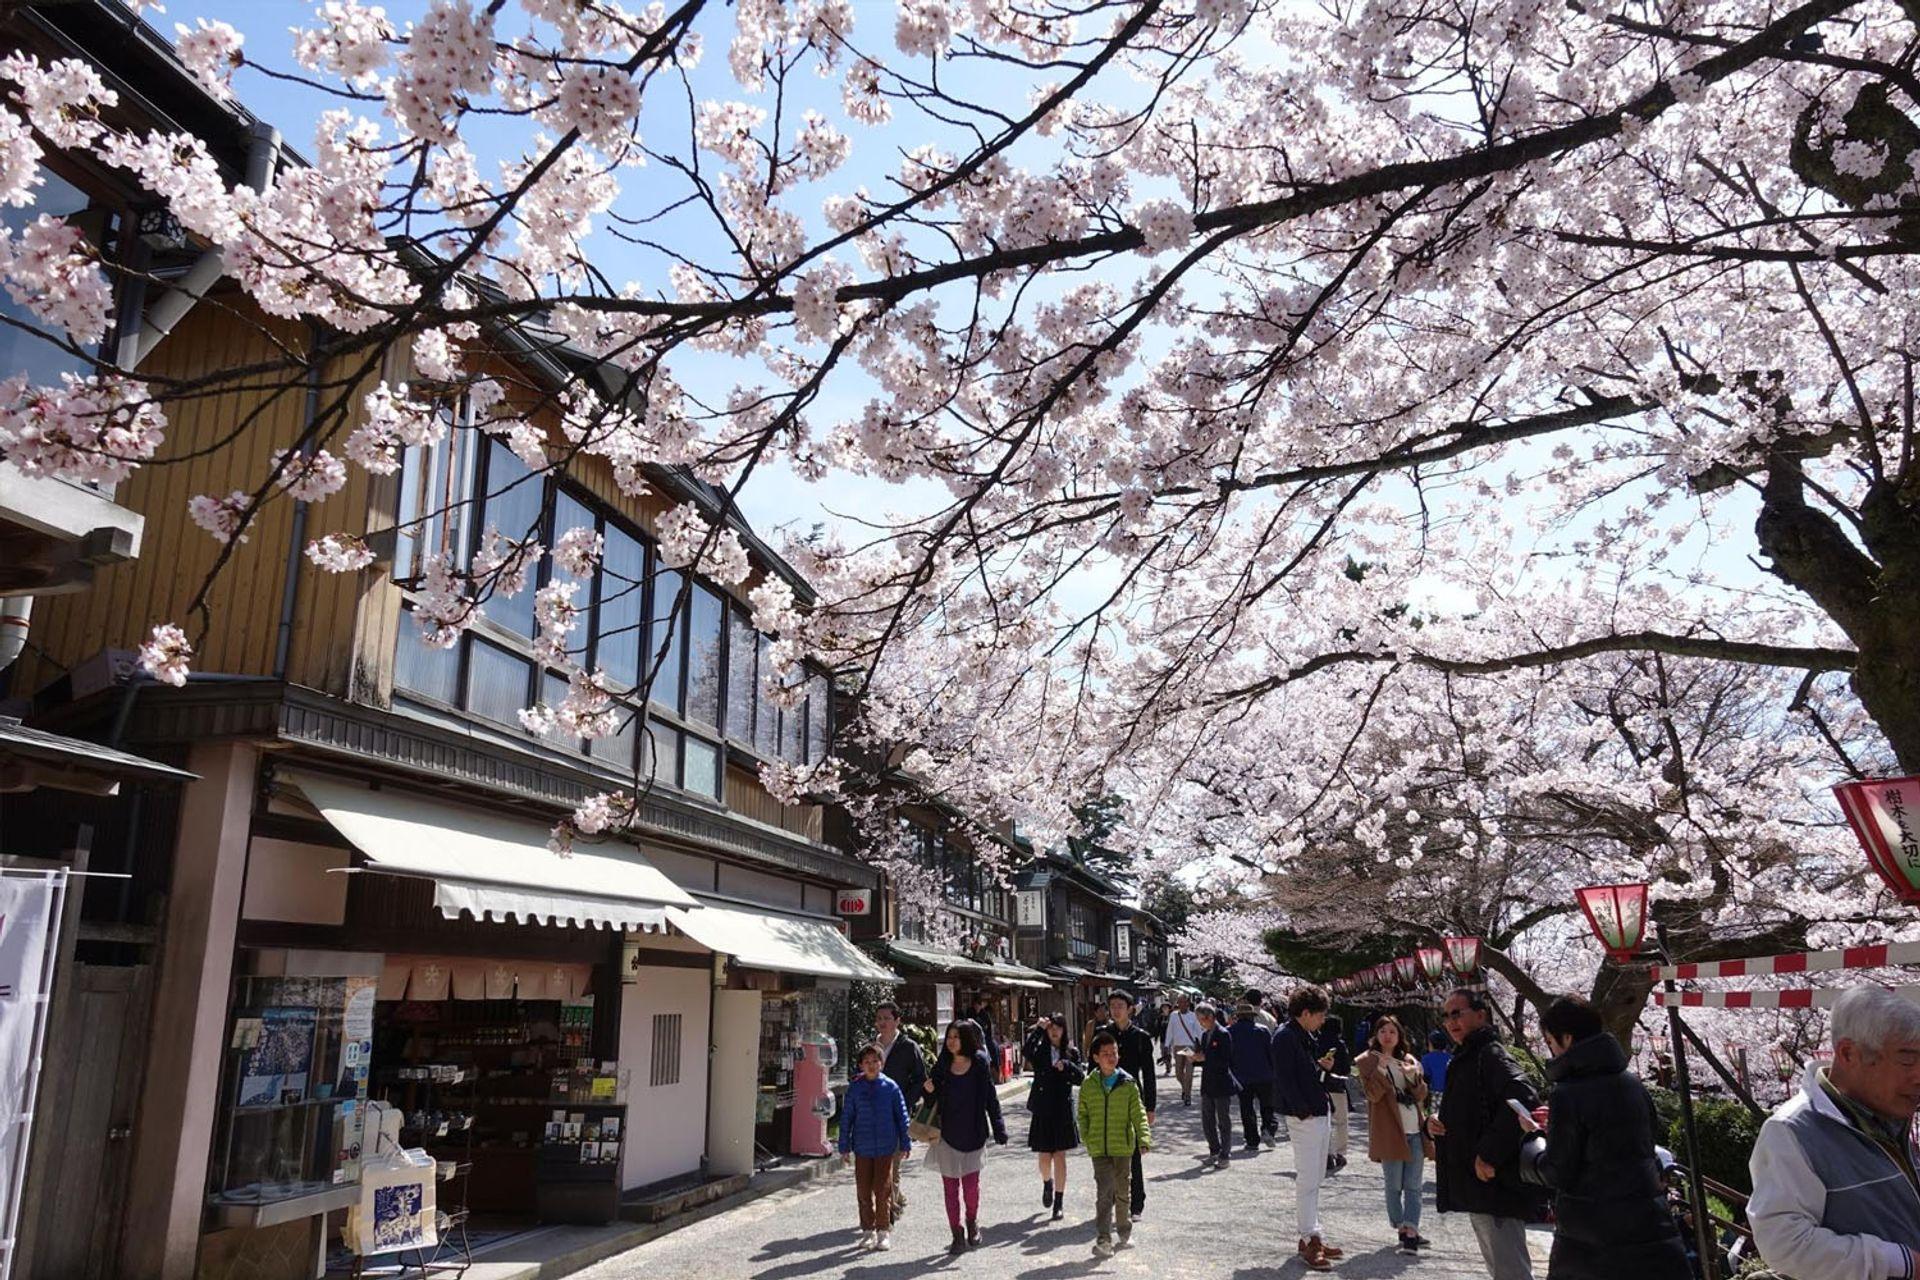 Thành phố Kanazawa, tỉnh Ishikawa